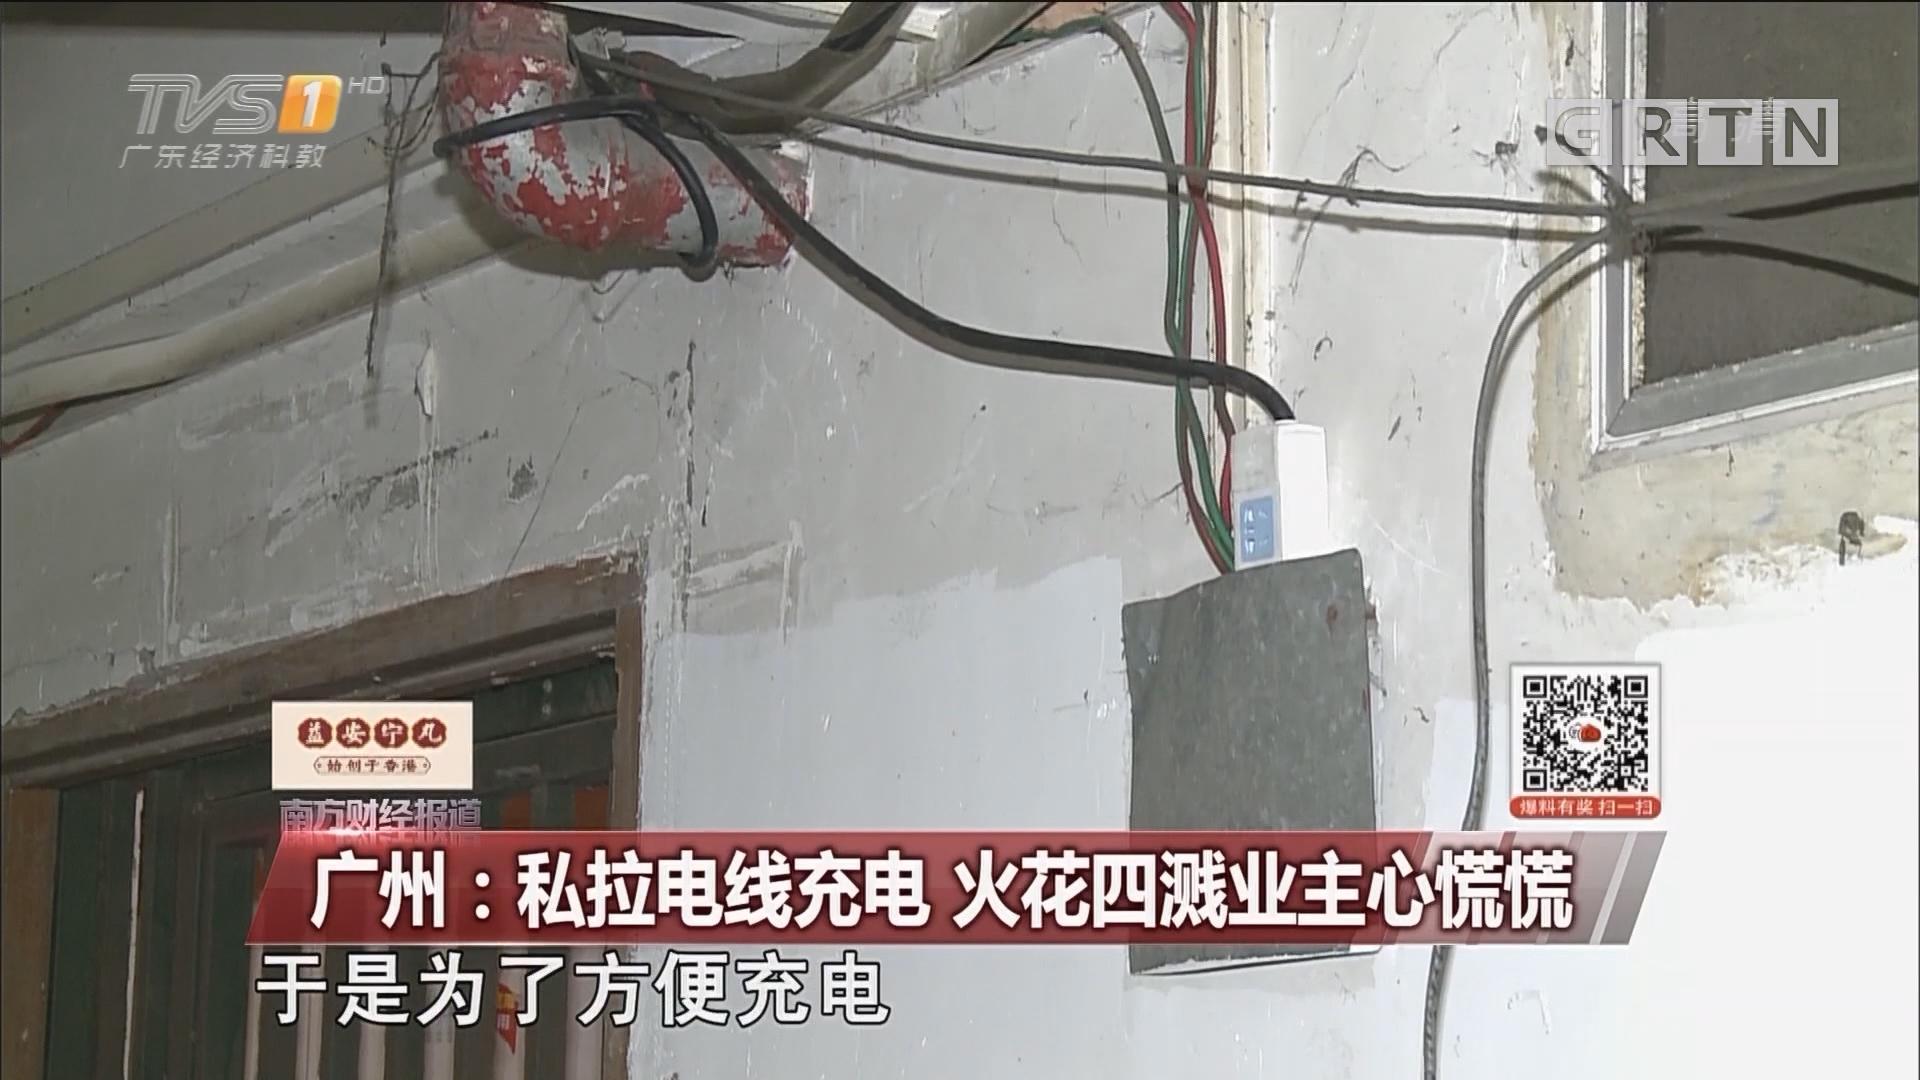 广州:私拉电线充电 火花四溅业主心慌慌